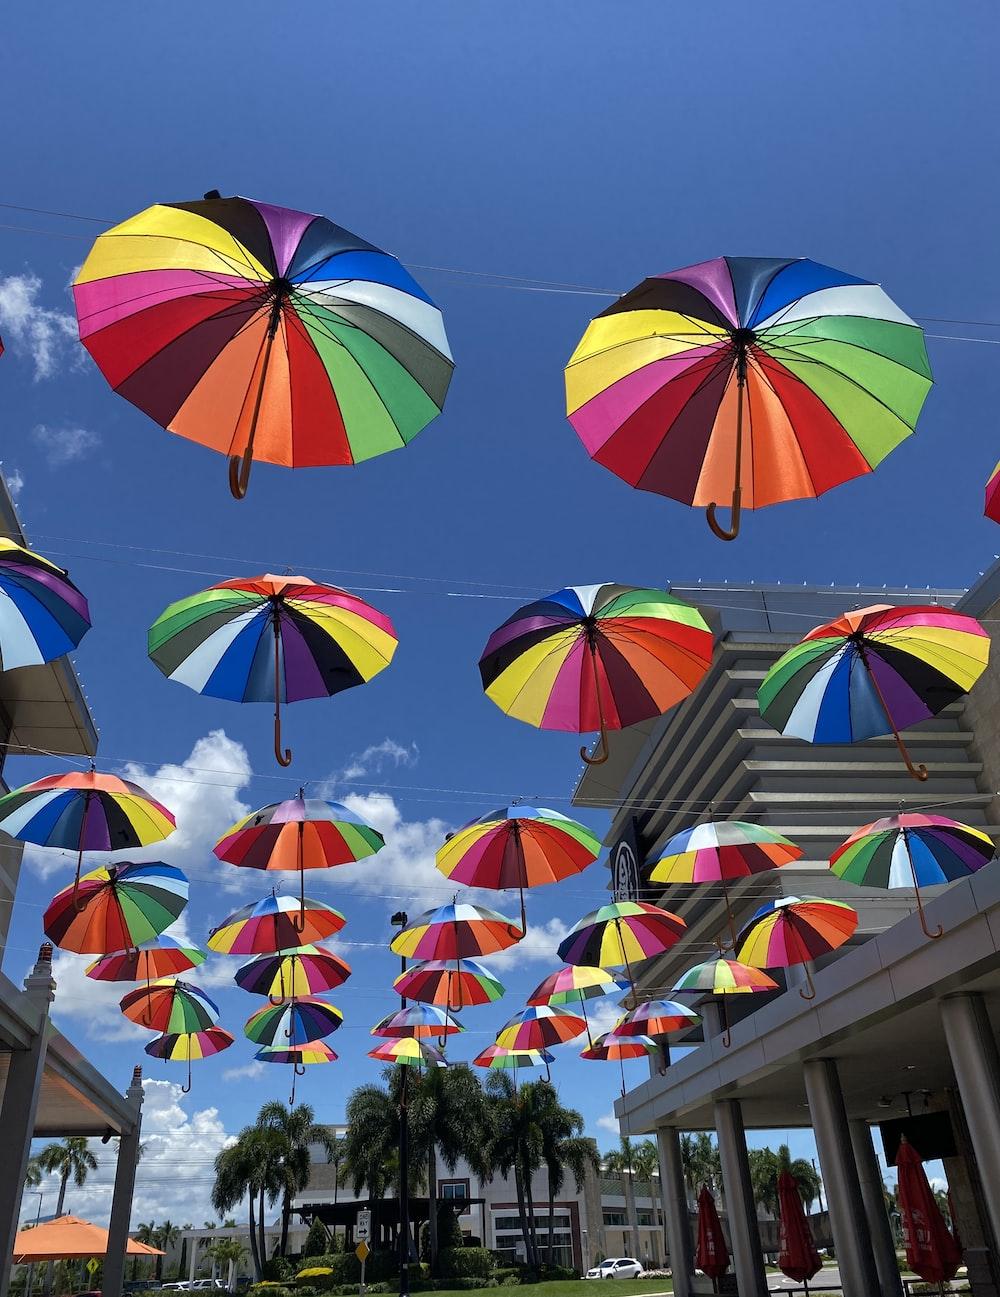 multi colored umbrella umbrella on the street